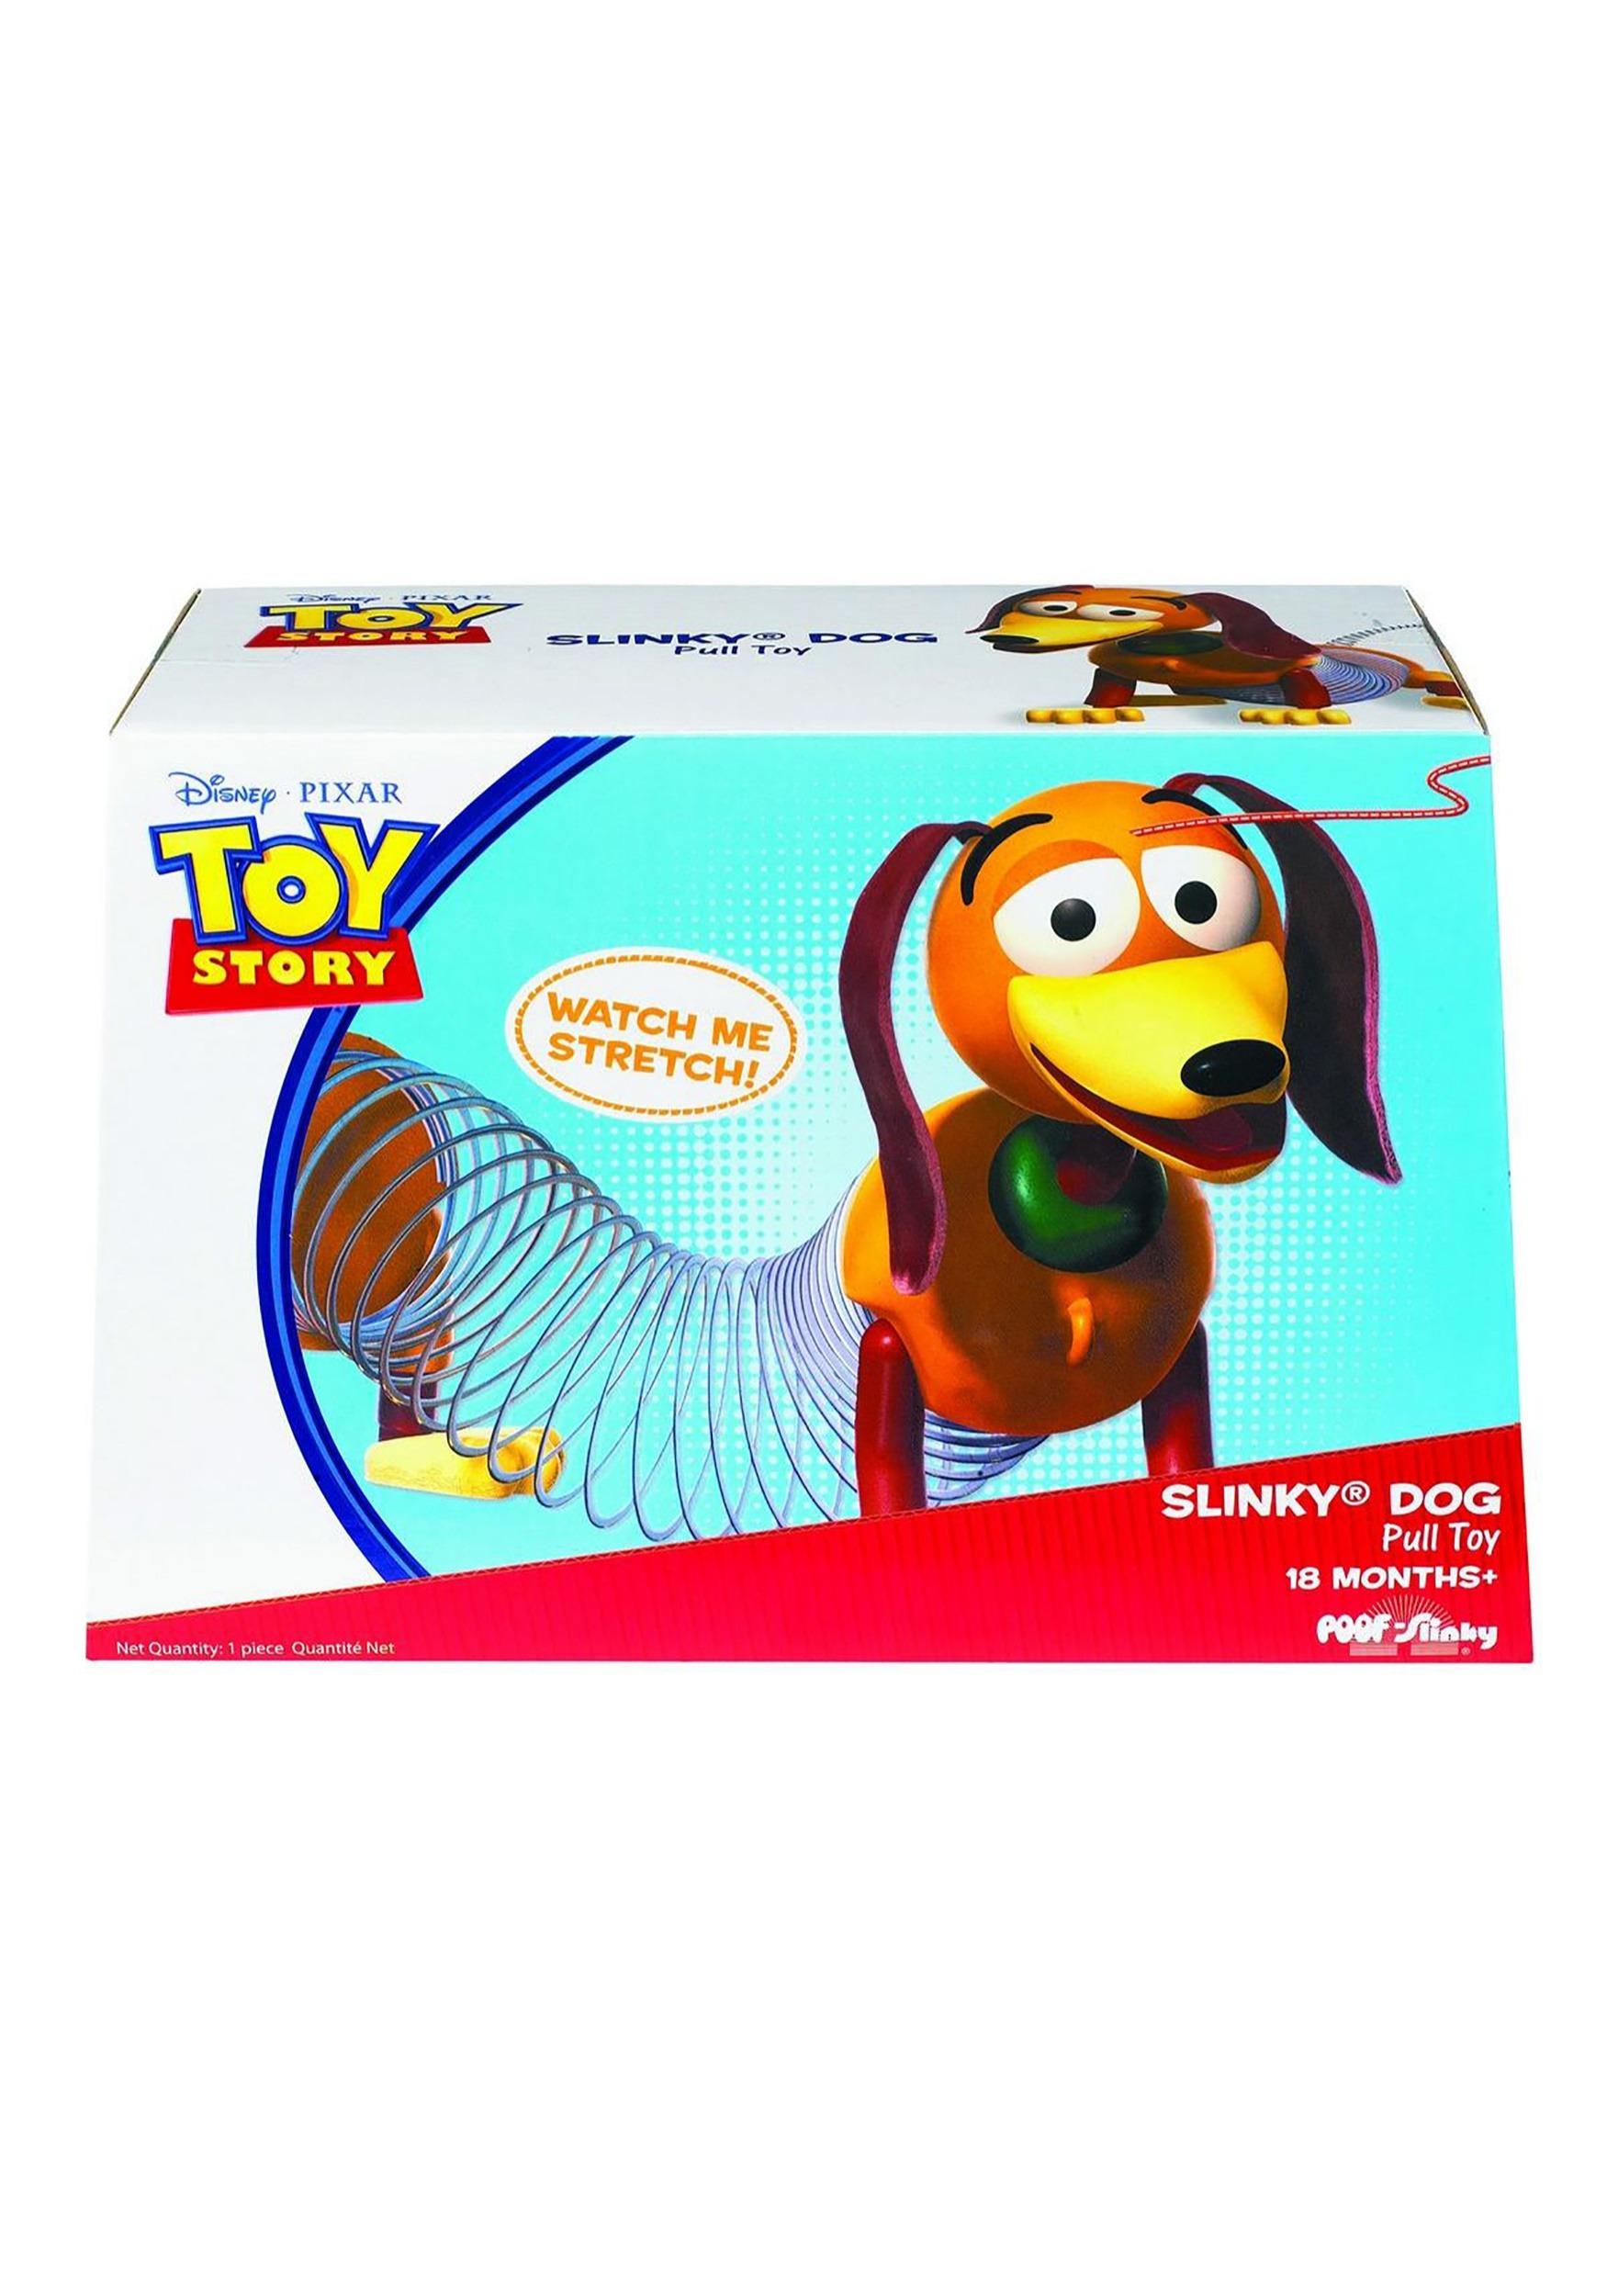 Disneys_Toy_Story_Slinky_Dog